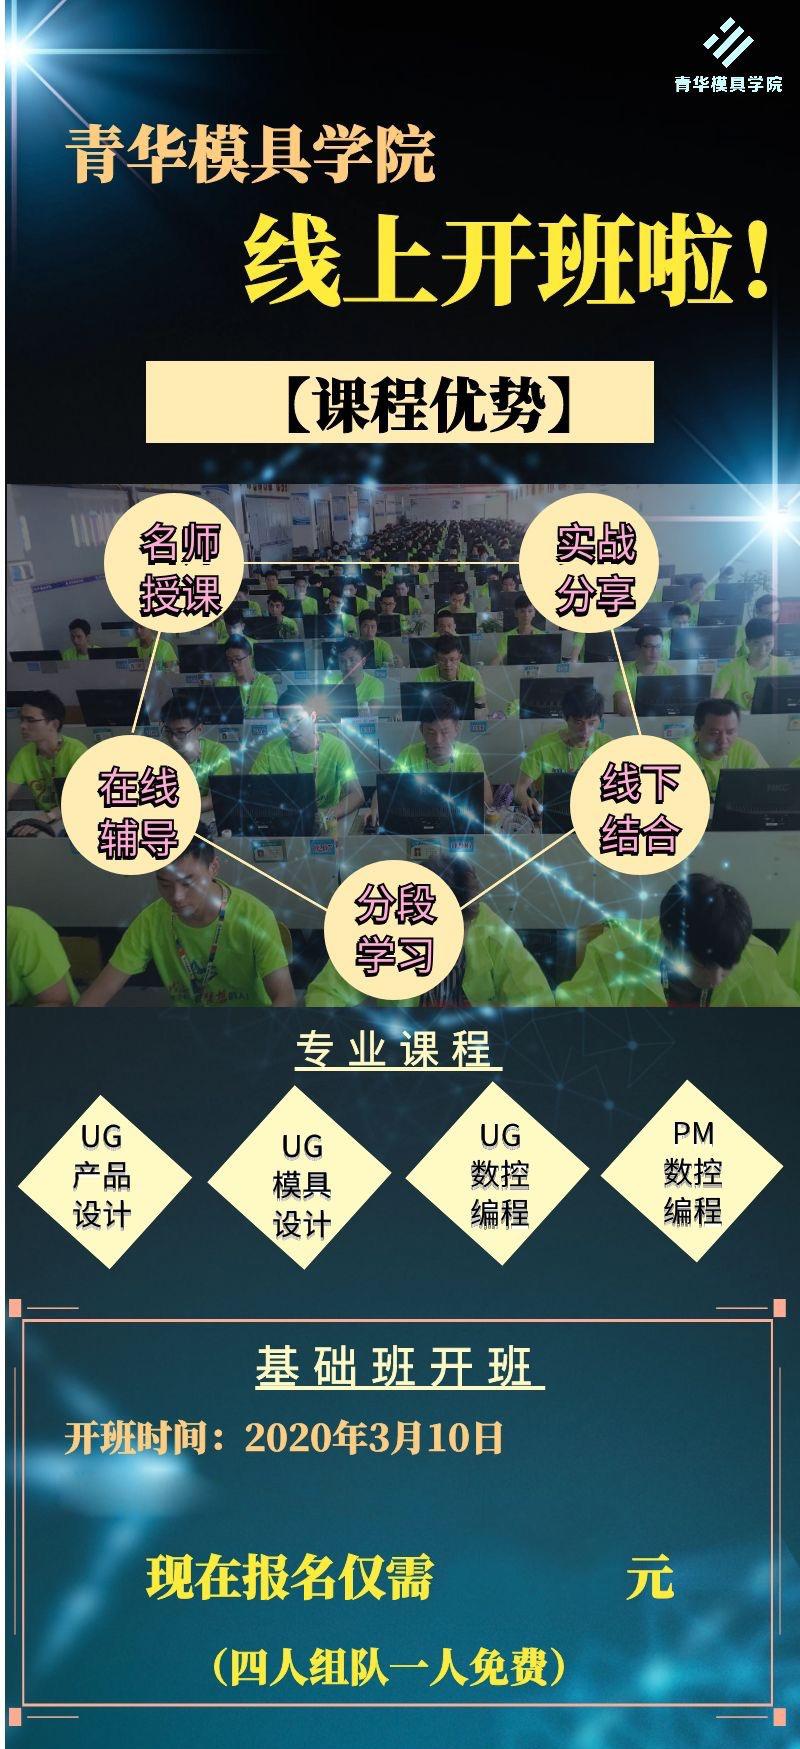 http://www.reviewcode.cn/yunjisuan/164623.html